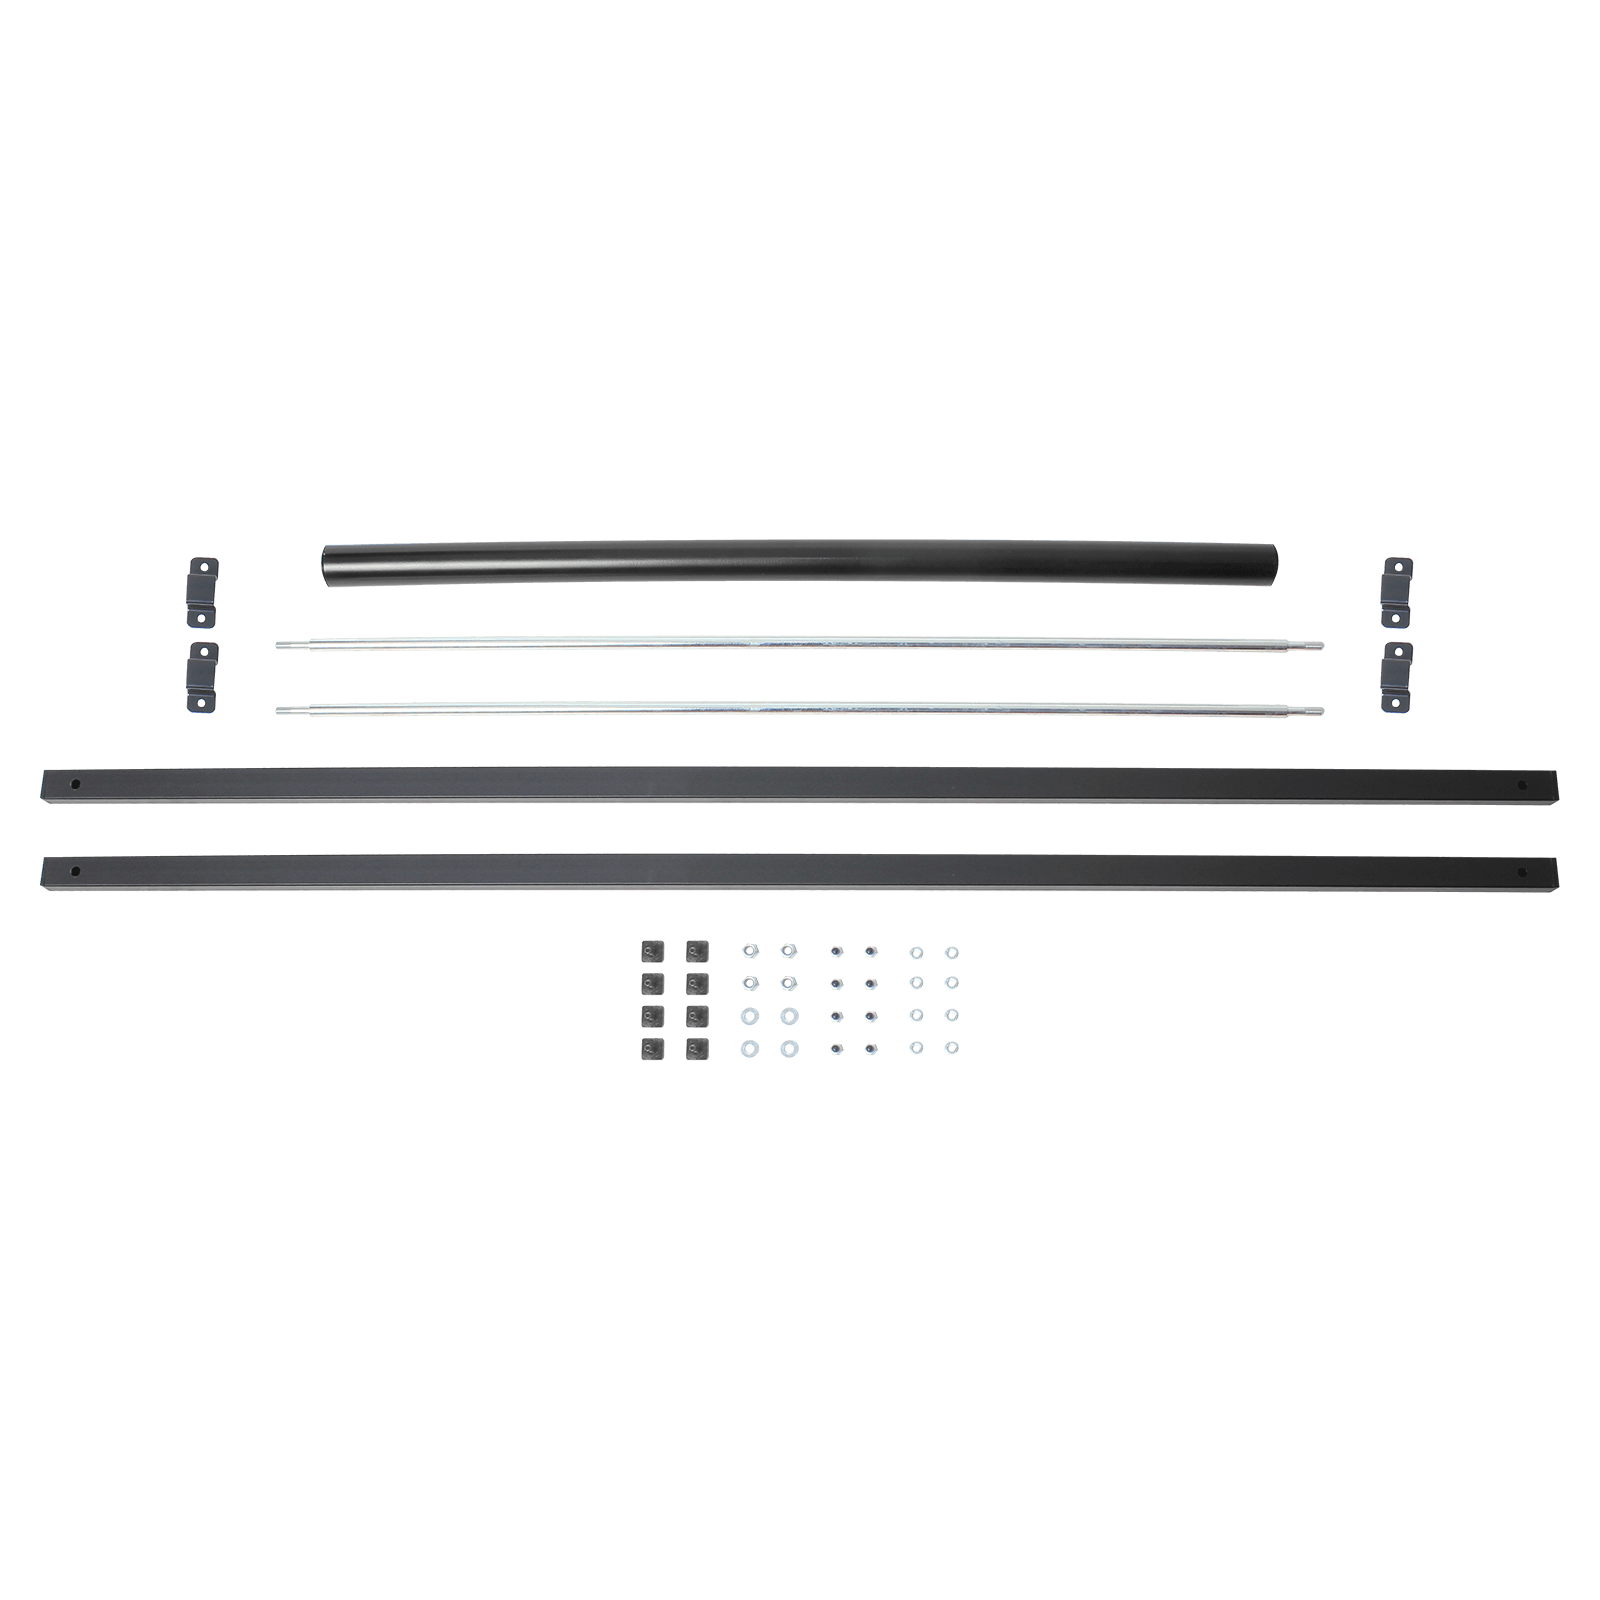 Laderolle 90x140 cm für Dachträger - Bild 2